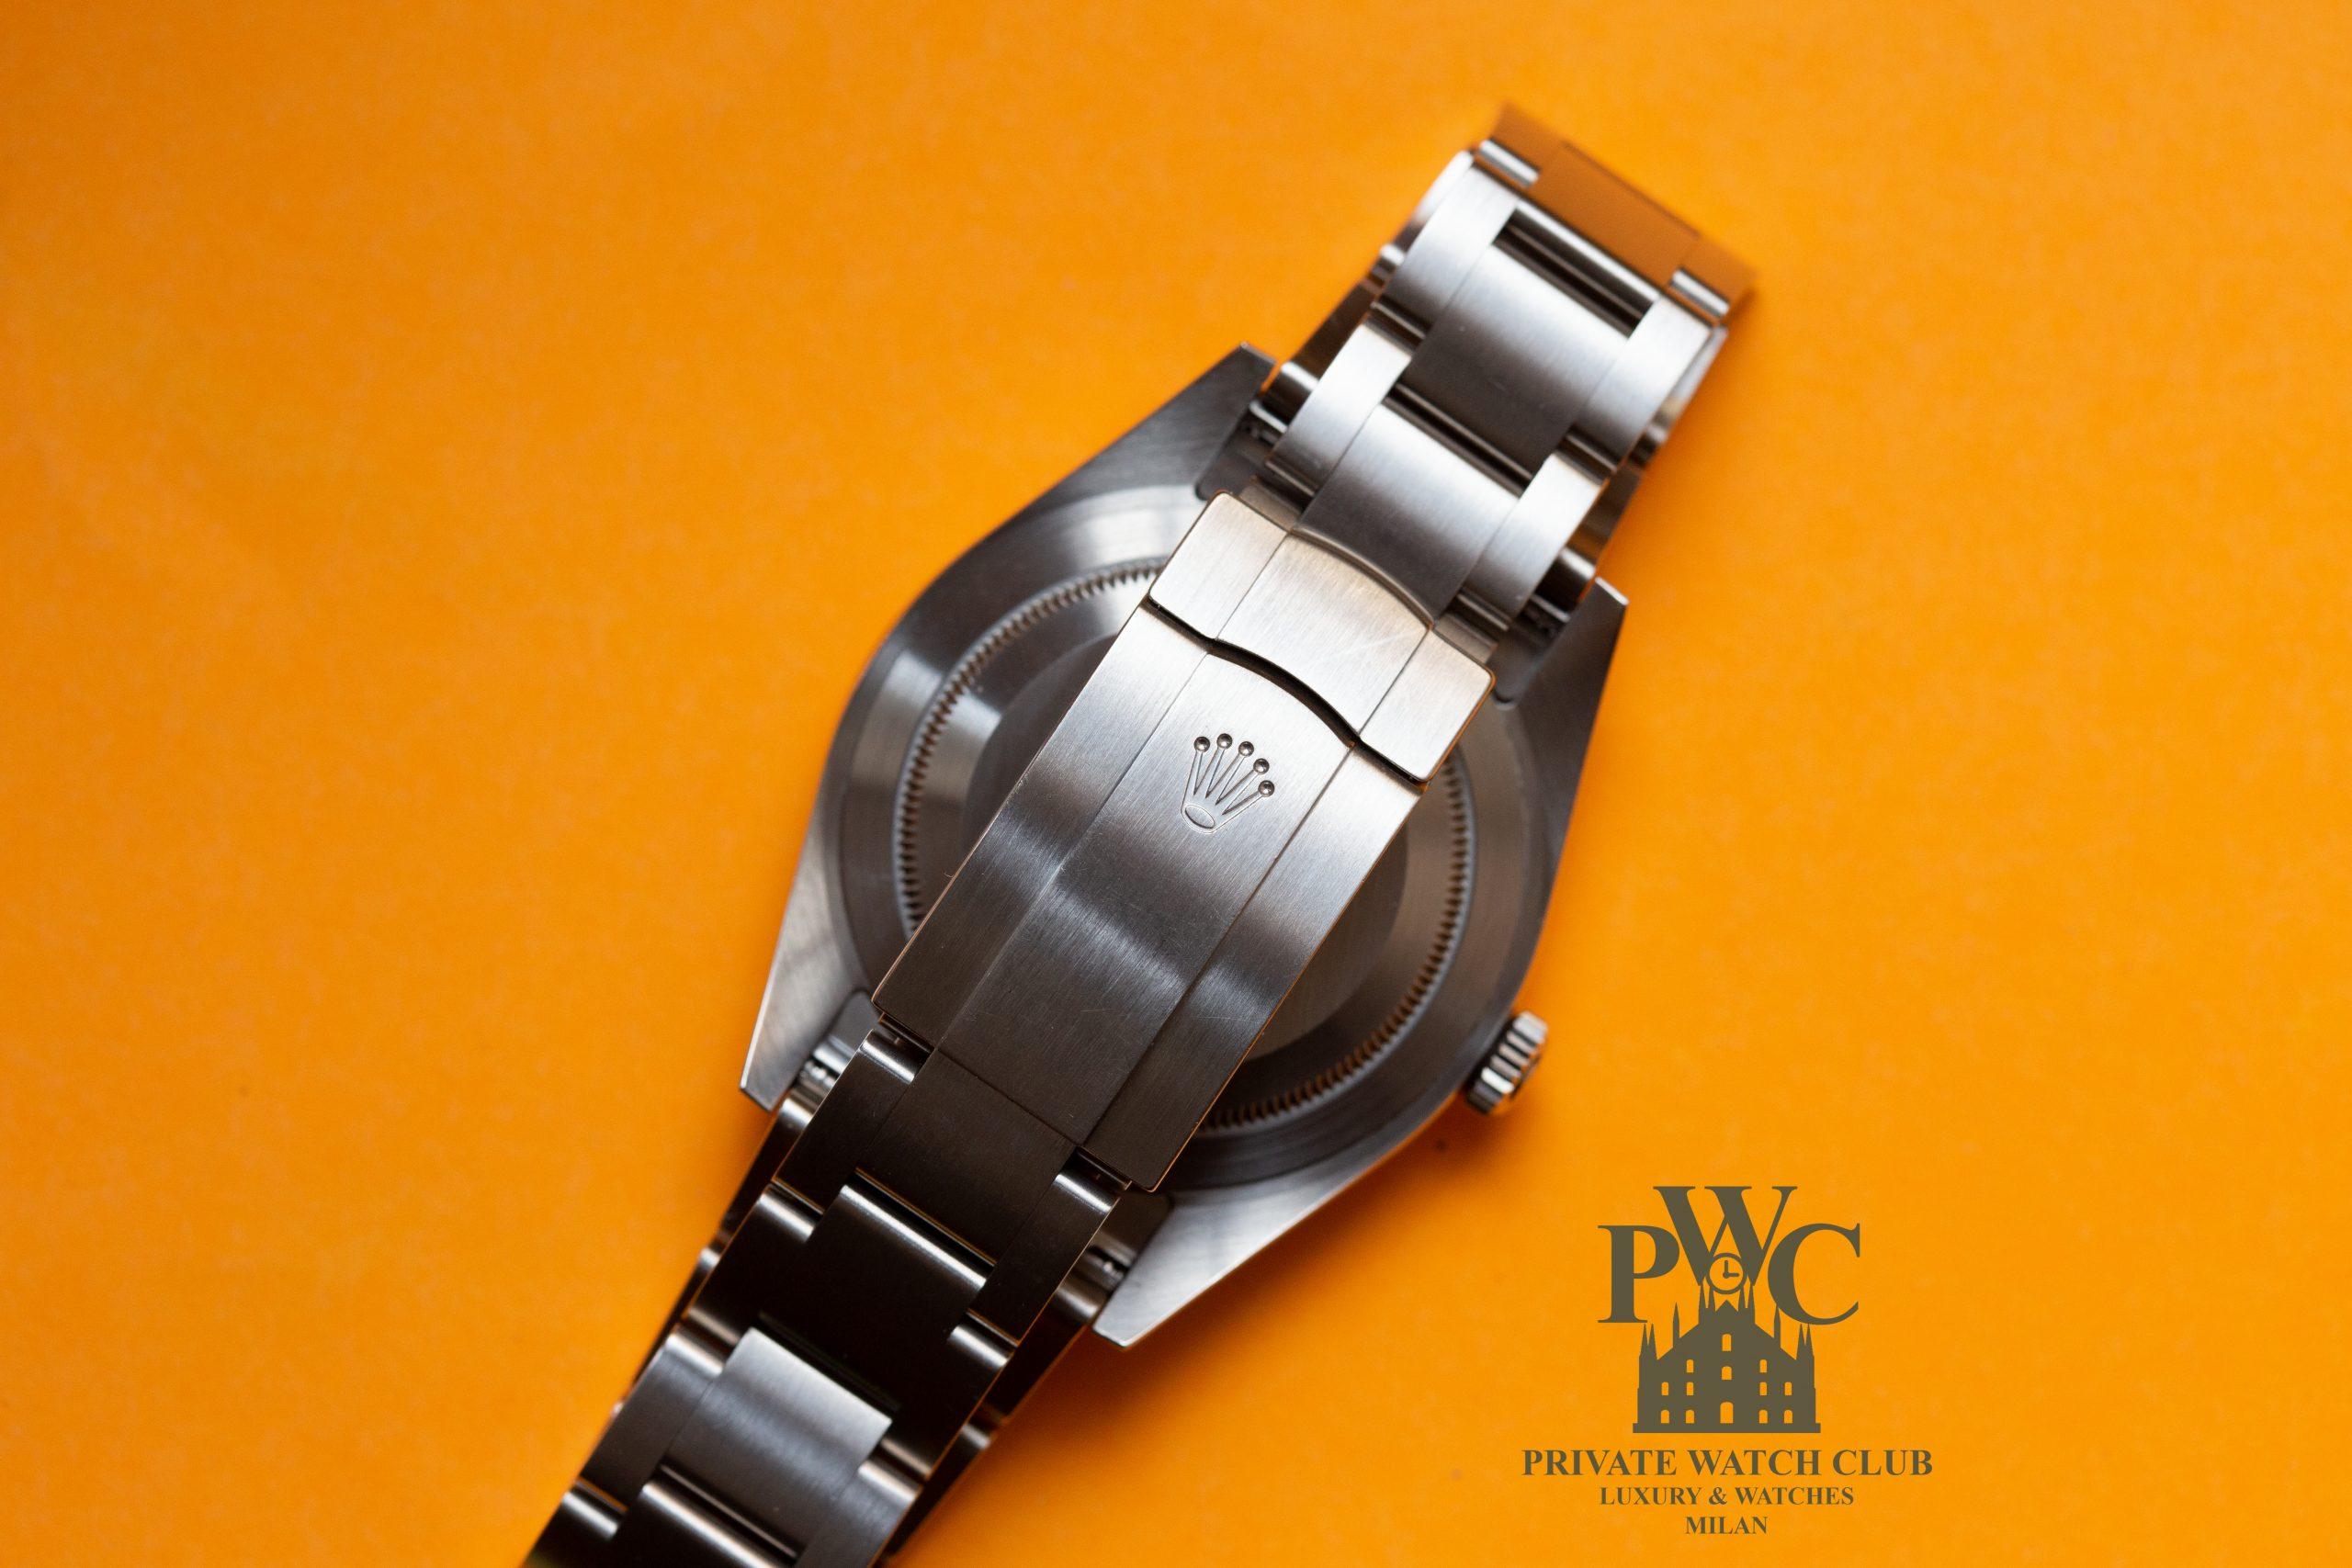 Rolex OYSTER PERPETUAL 39 - Ref. 114300 DARK - Private ...